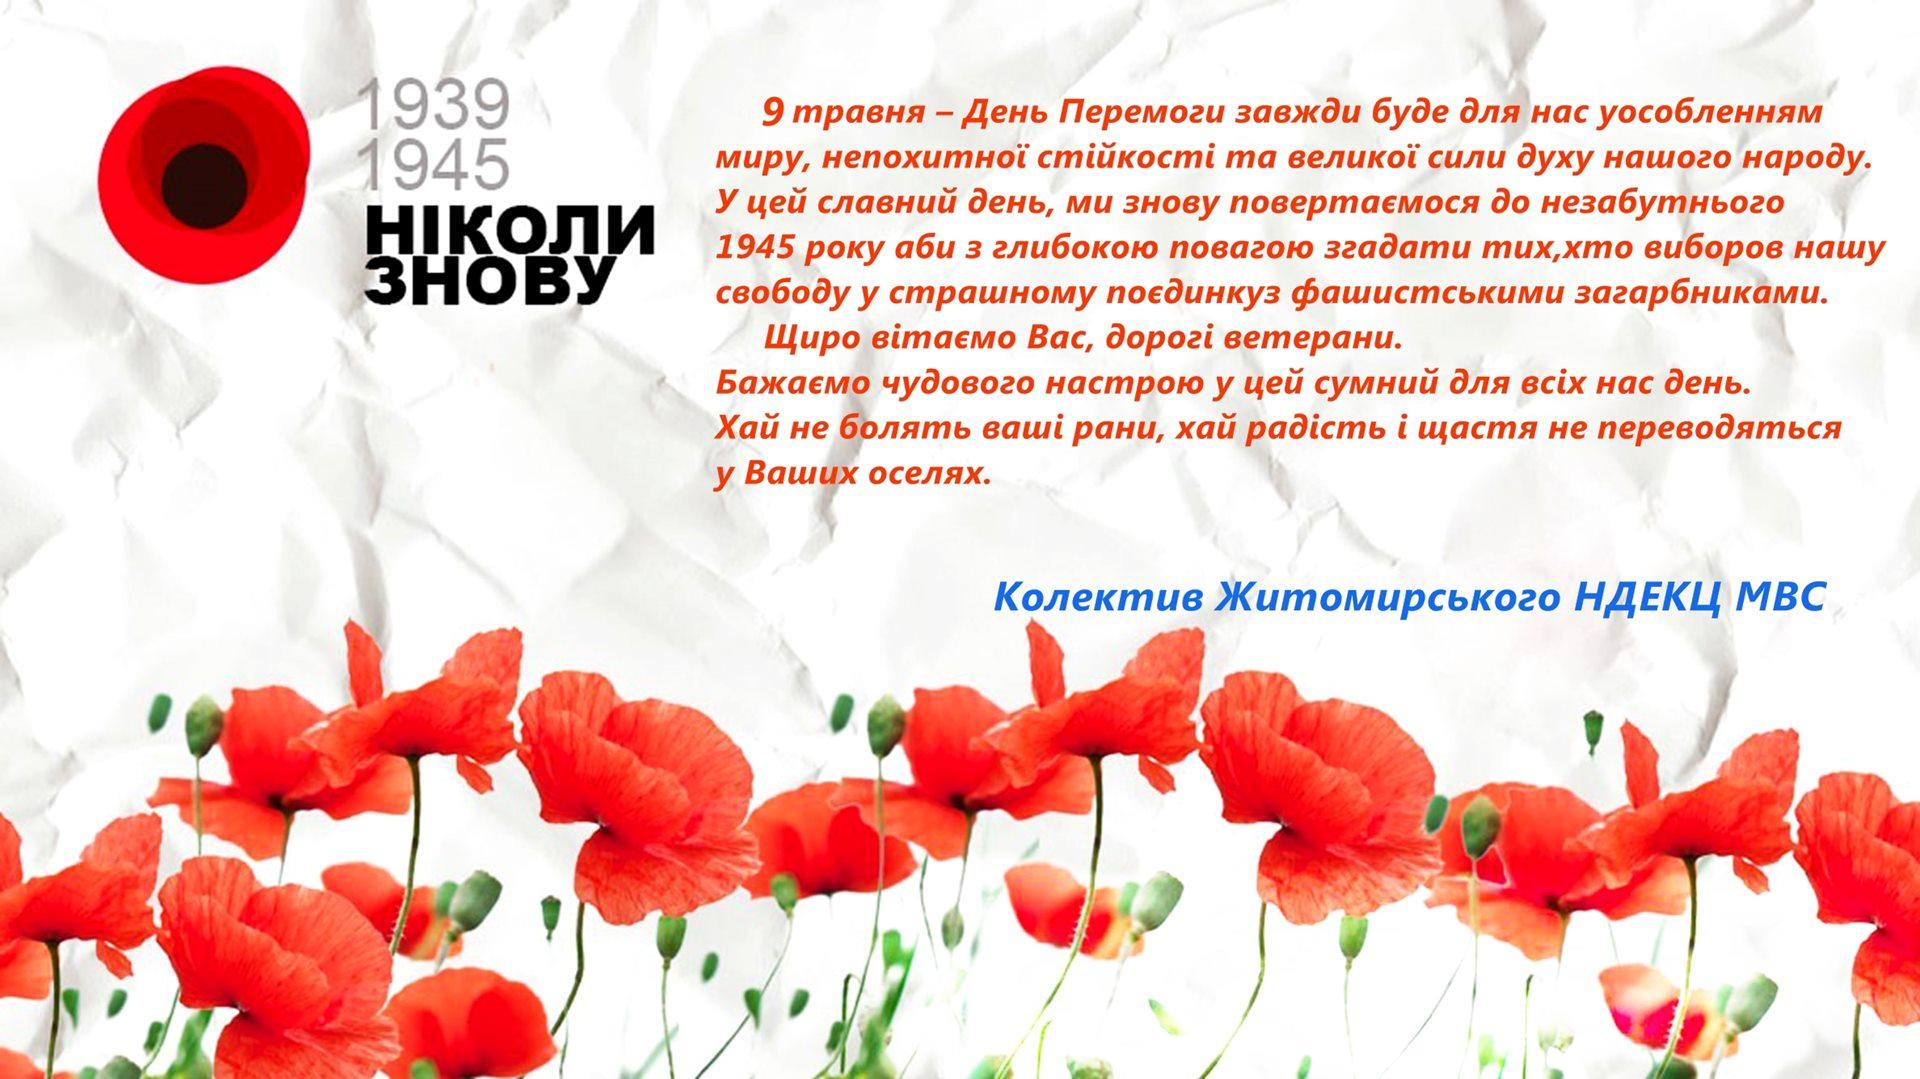 Колектив Житомирського НДЕКЦ МВС щиро вітає з Днем Перемоги